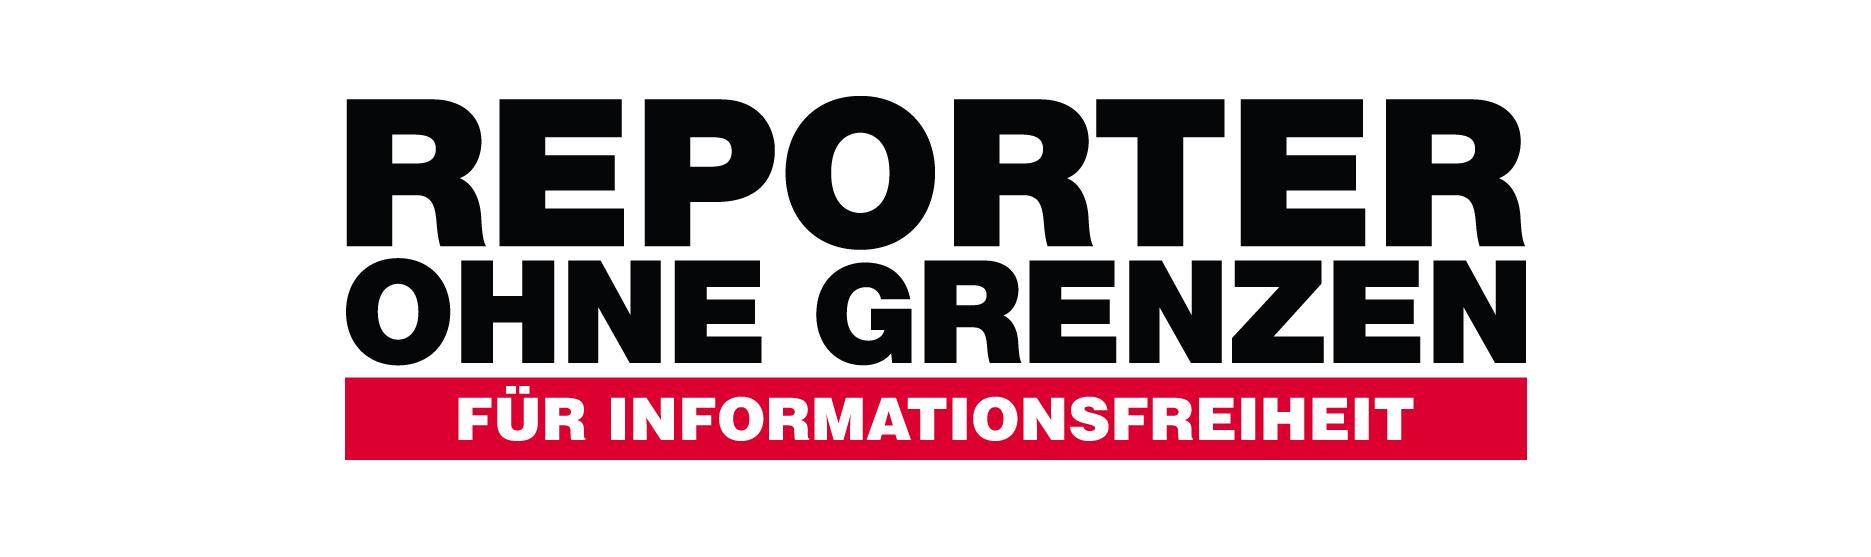 Haus der pressefreiheit presse und meinungsfreiheit for Spiegel geschichte logo